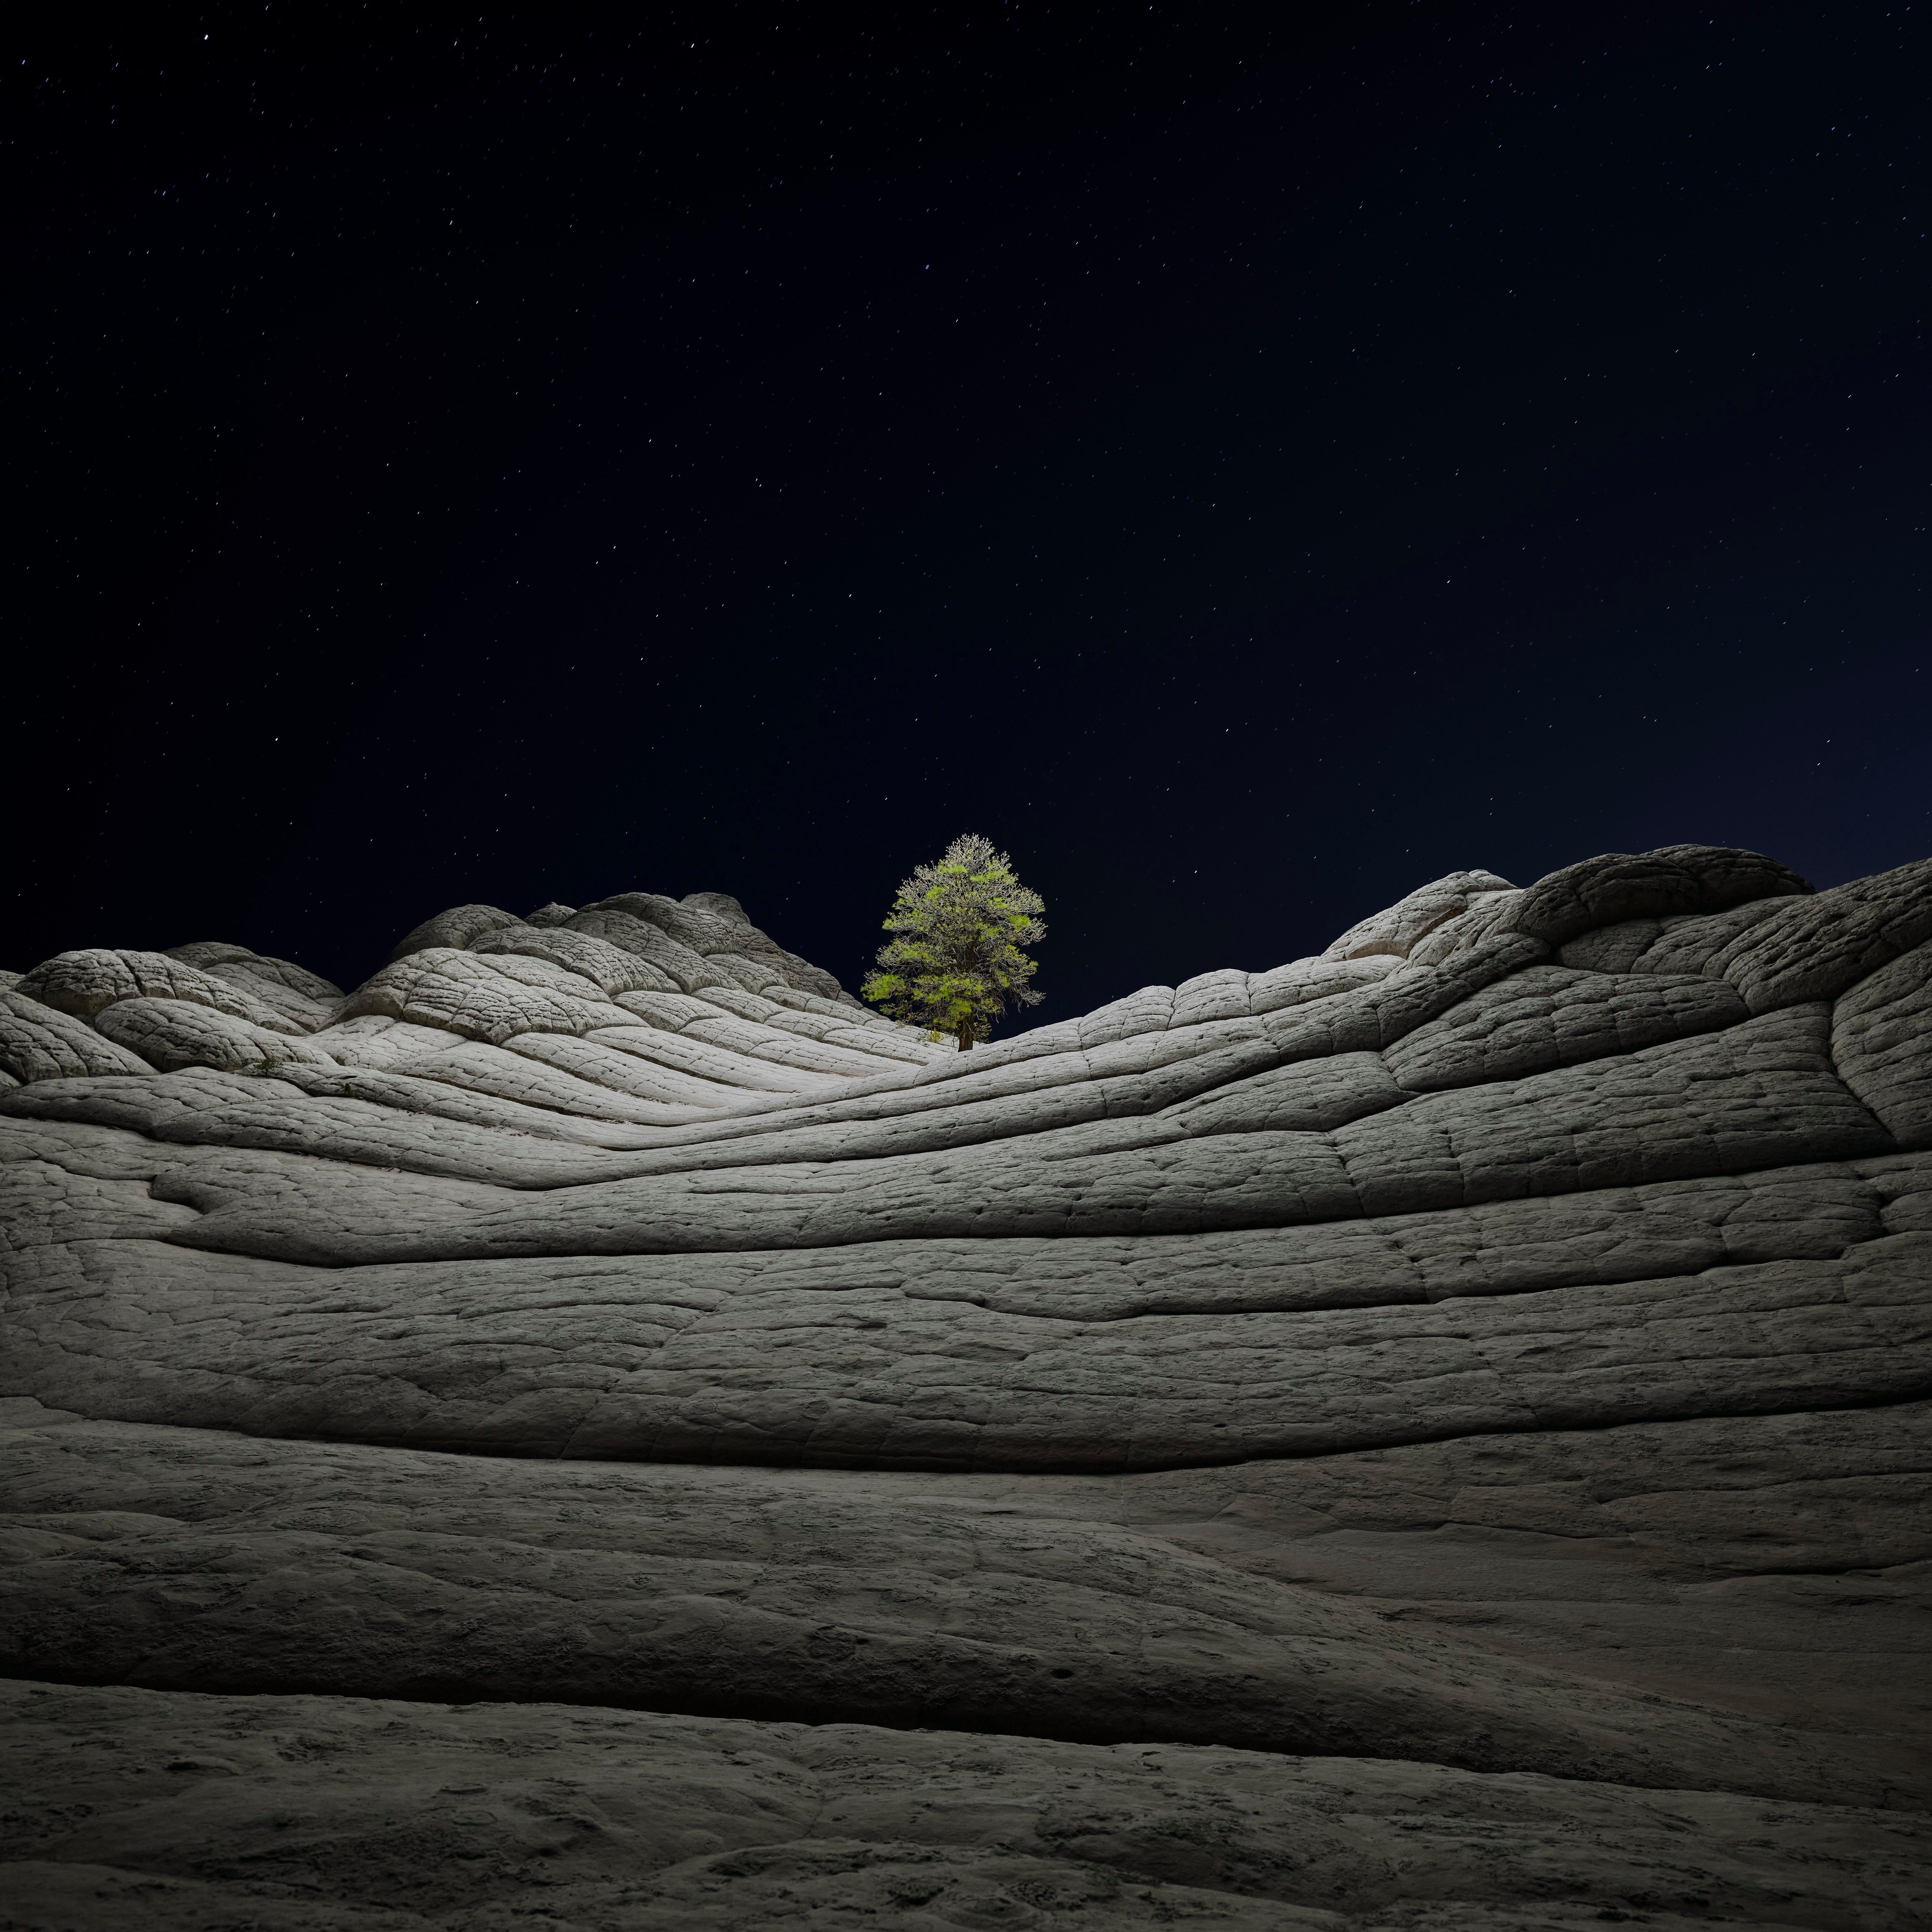 macOS Big Sur Tree 2 dragged